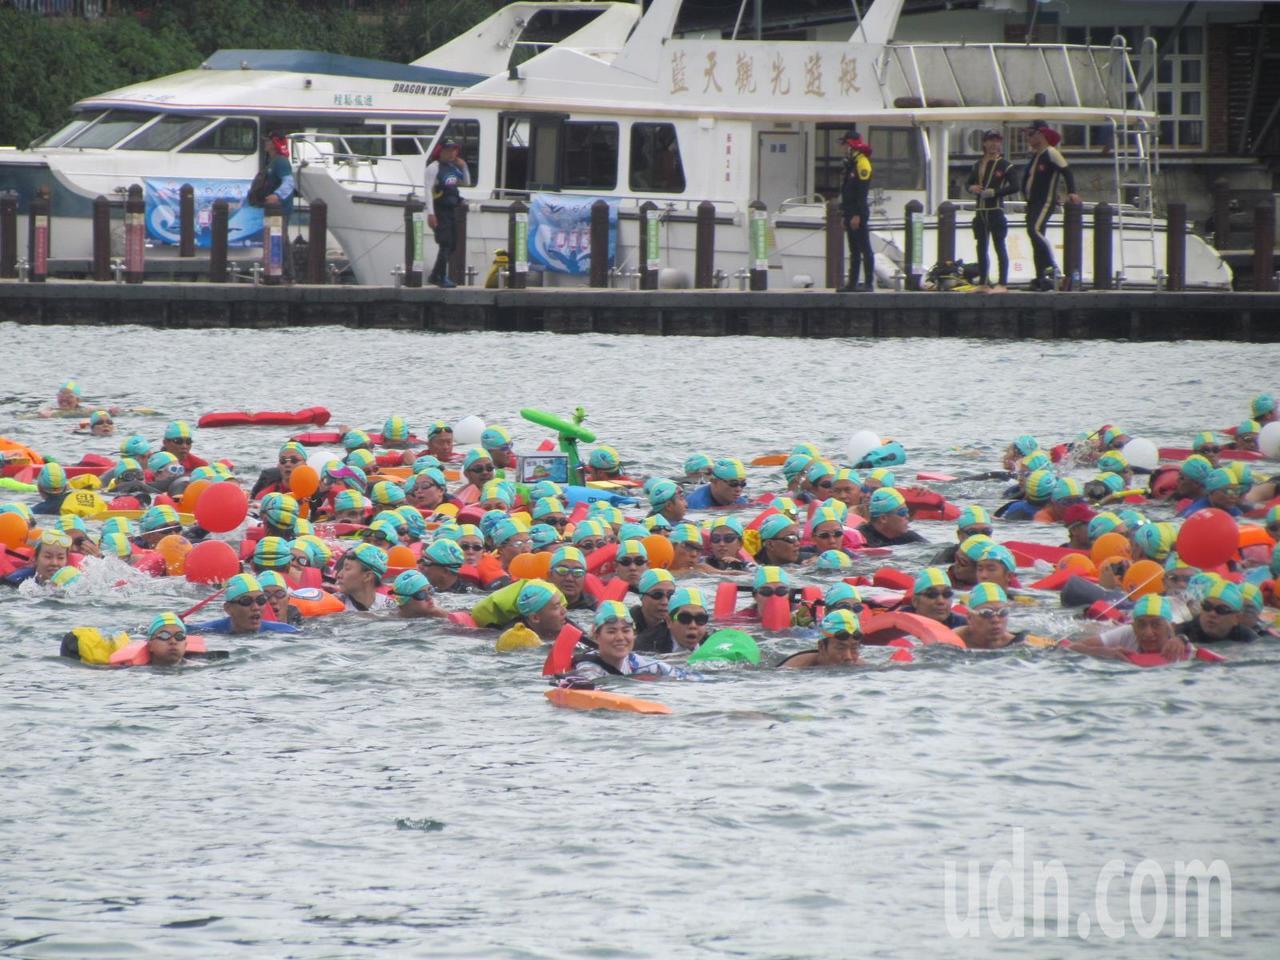 今年的泳渡日月潭活動,有2萬多名泳士參加。記者張家樂/攝影